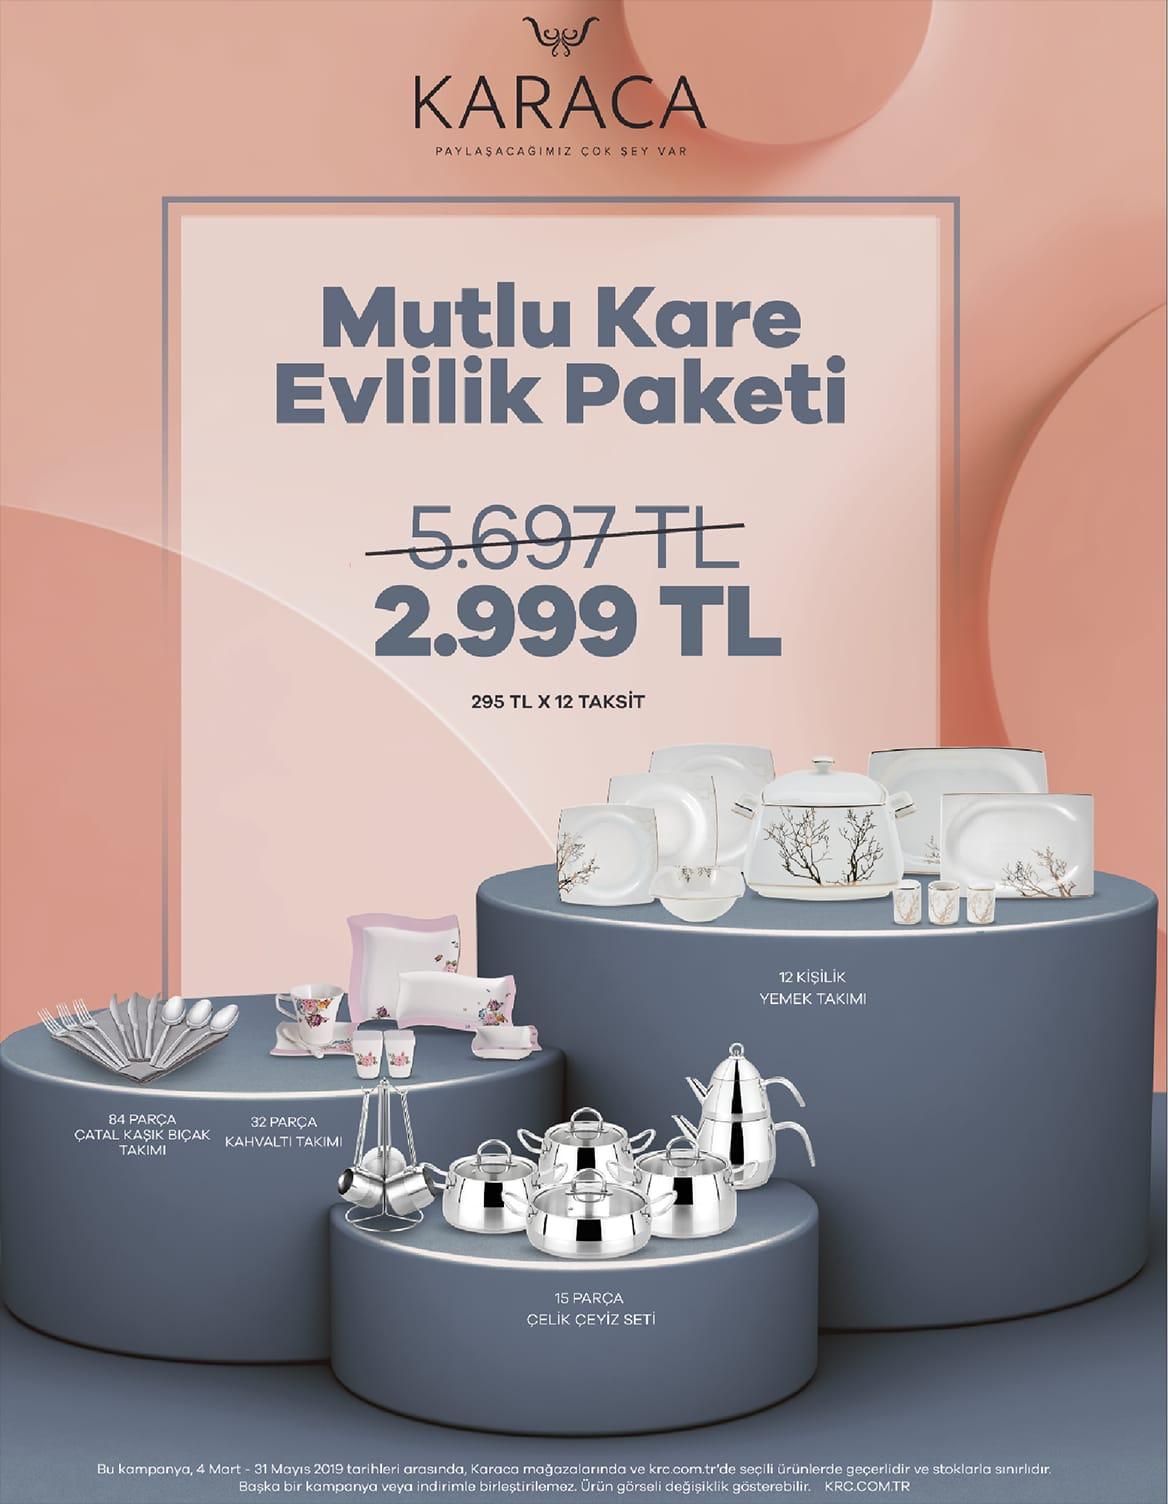 KARACA MUTLU KARE EVLİLİK PAKETİ ÇELİK SETLİ !!